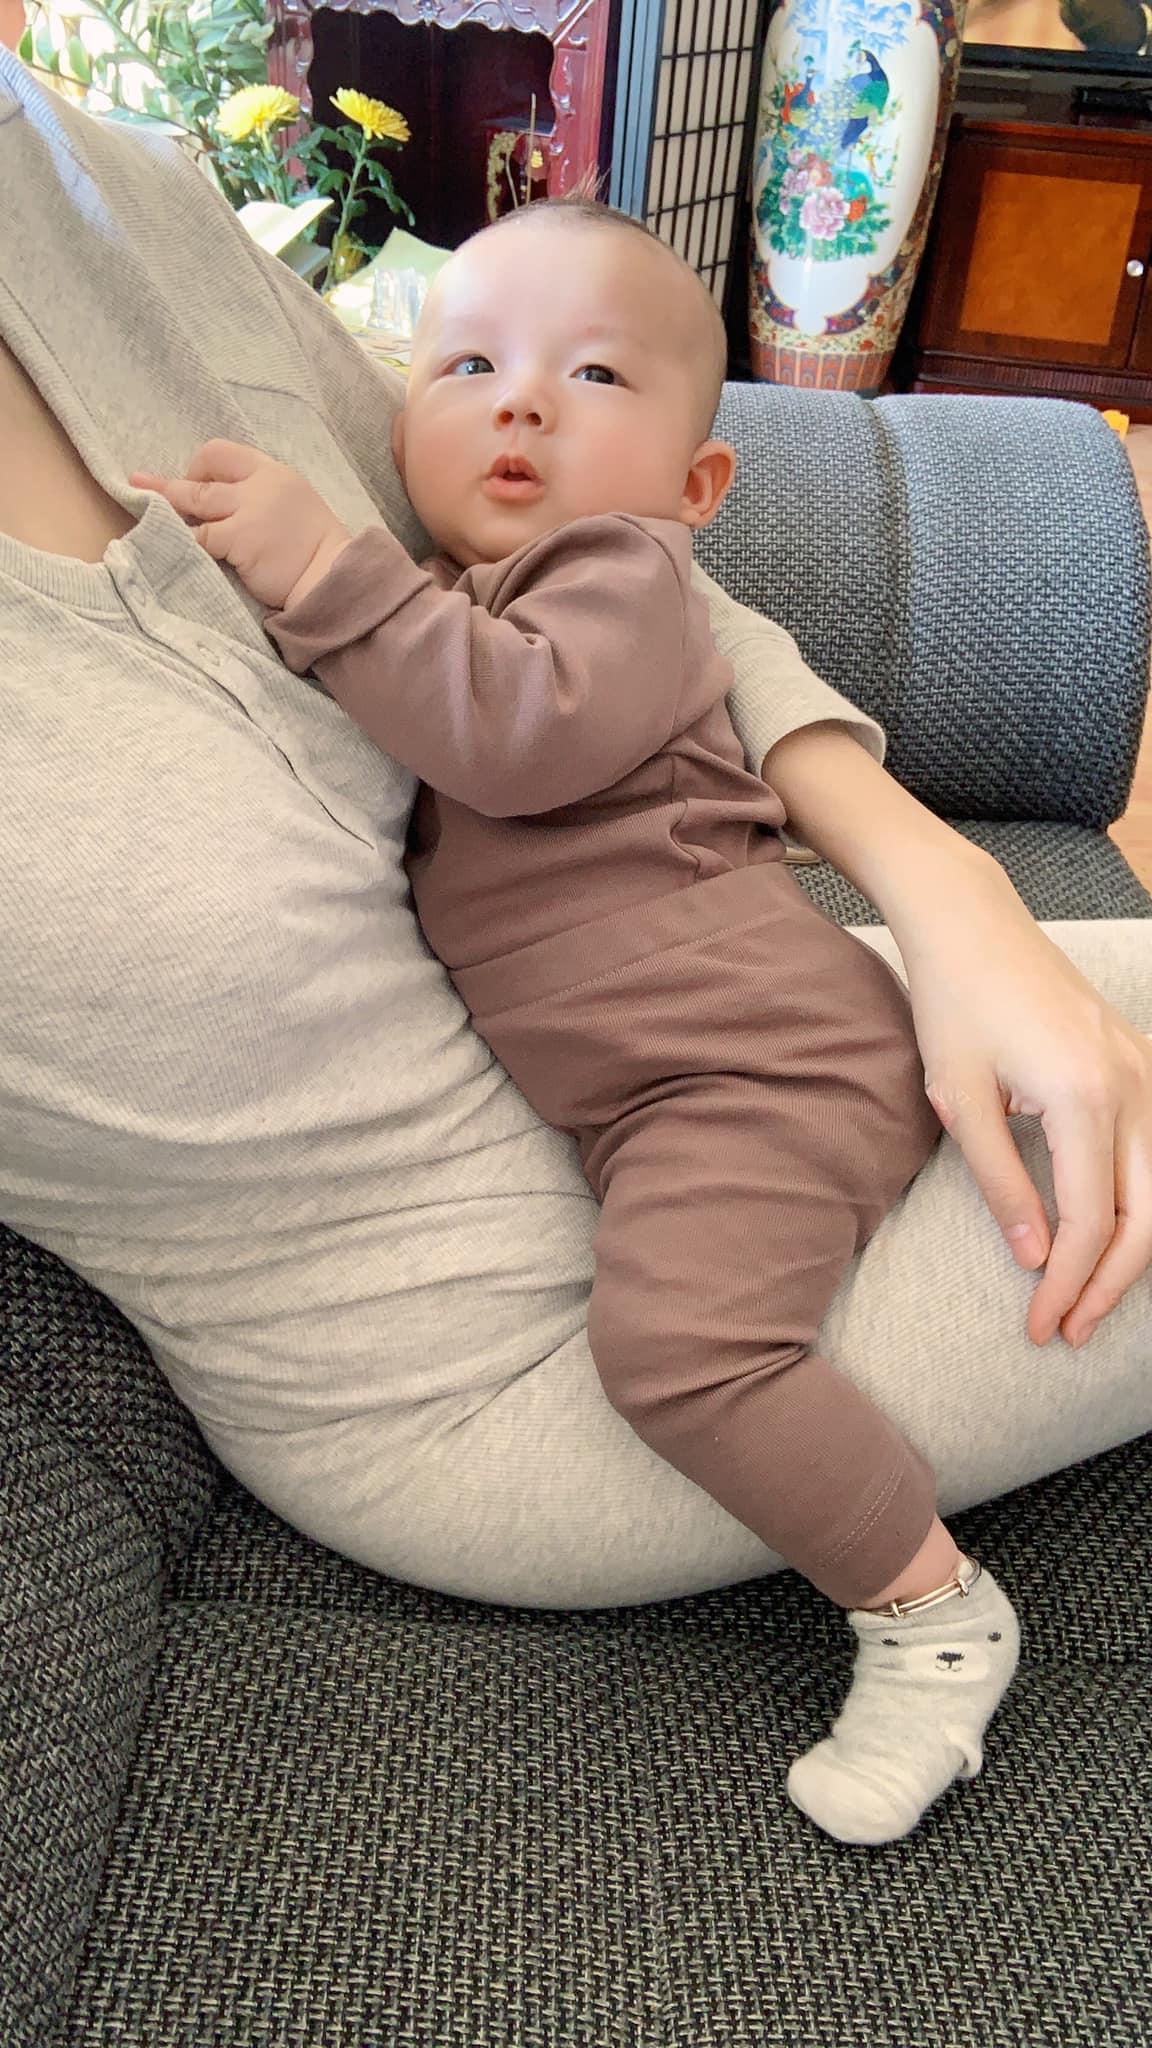 Mặt đầy mụn vì thức khuya chăm con, nhưng sau 4 tháng bà xã Mạc Hồng Quân khoe làn da đẹp không tì vết, tiết lộ bí quyết chăm bé thứ 2 bụ bẫm như búp bê-10